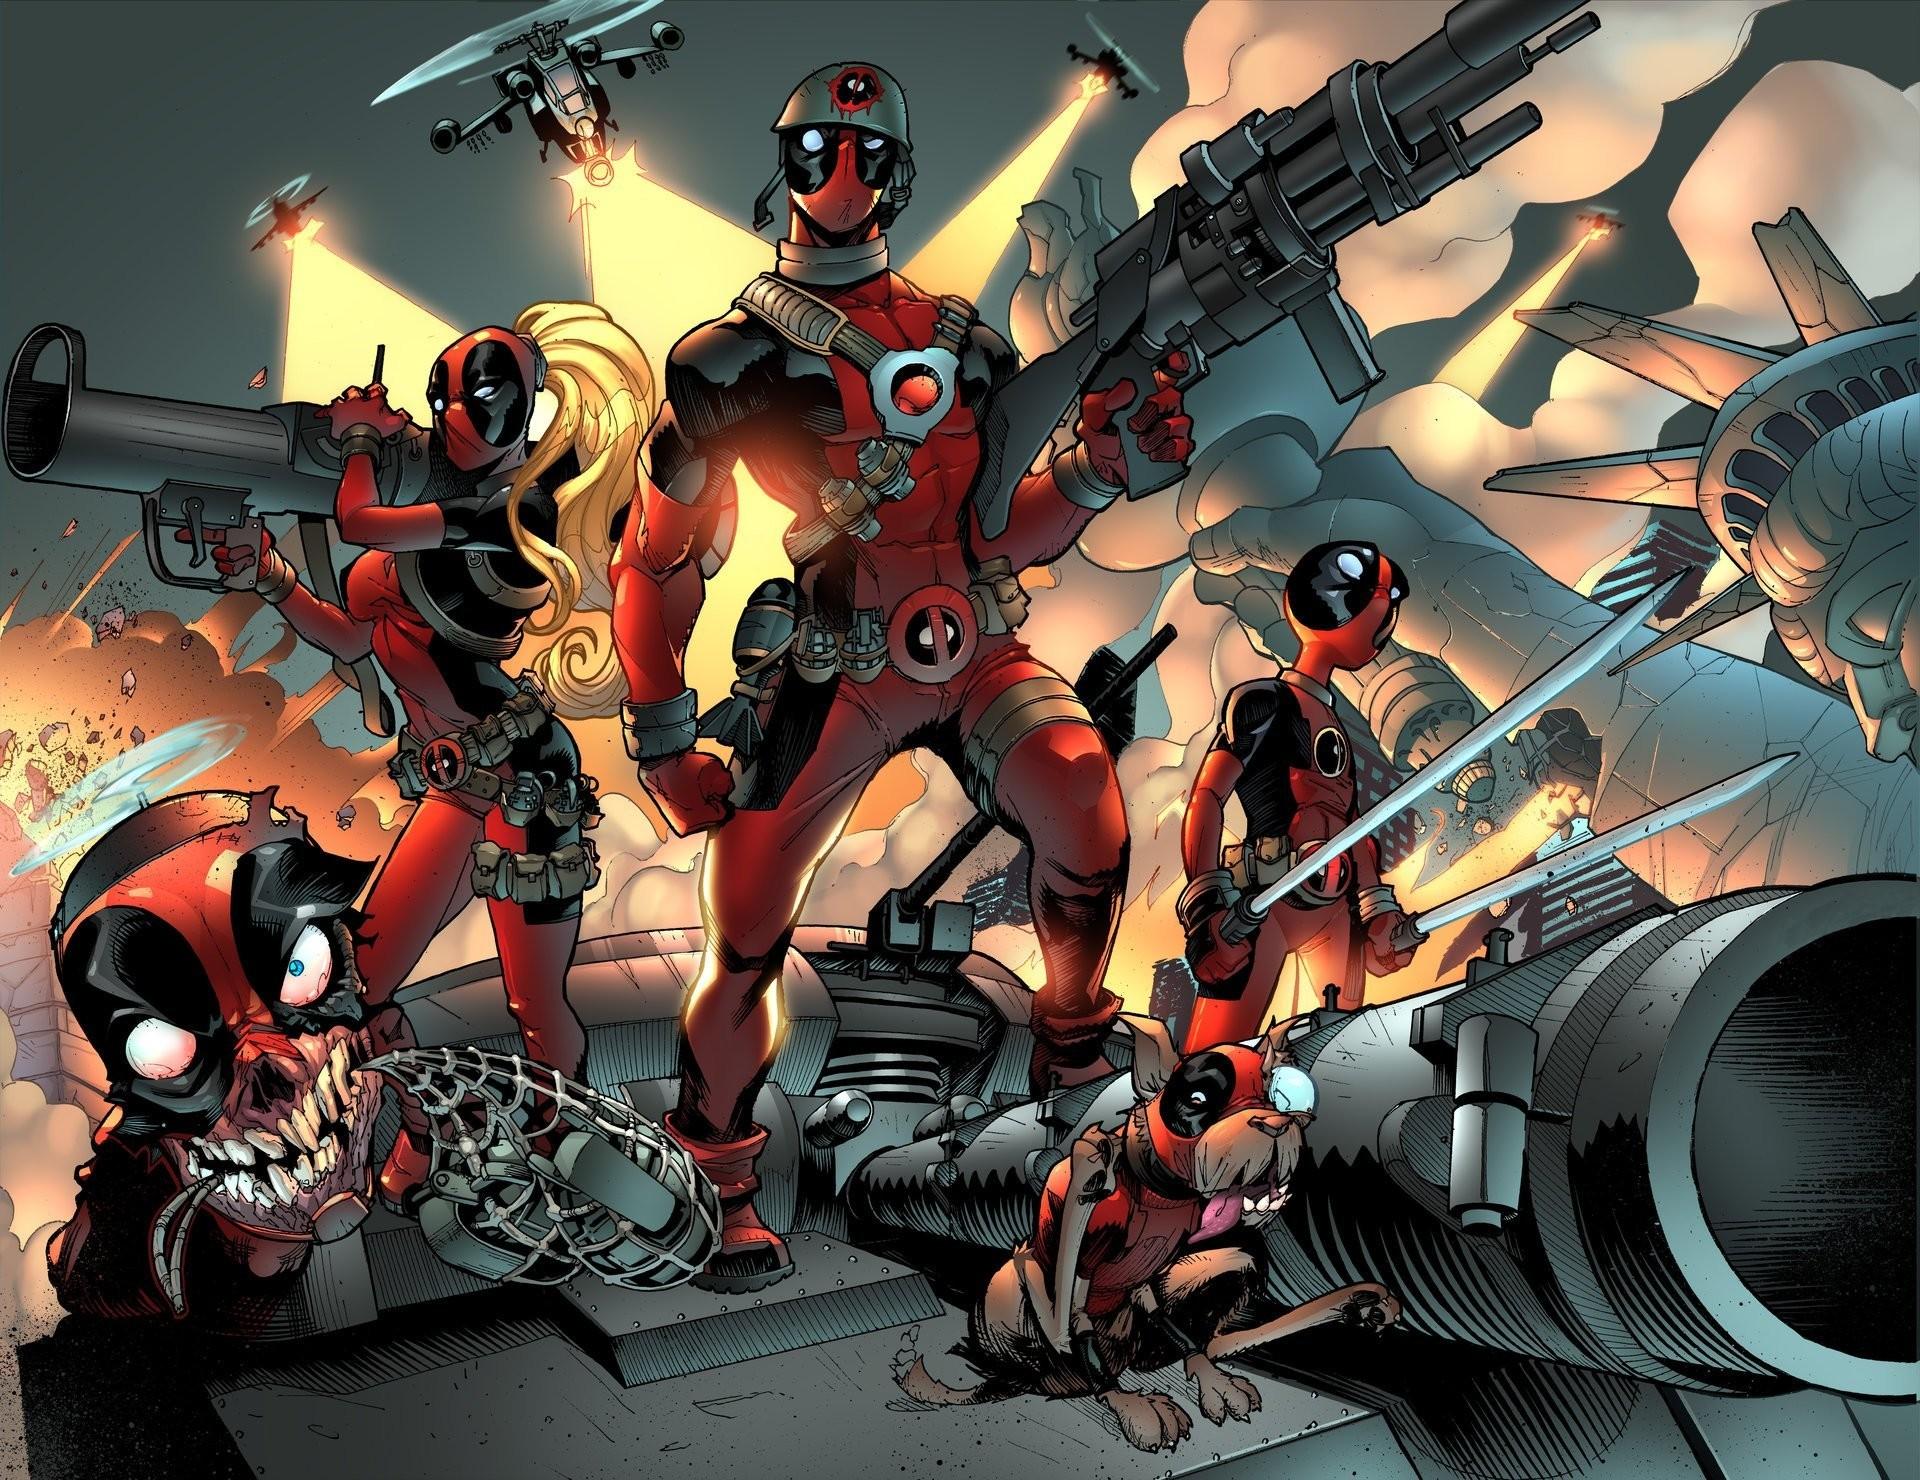 marvel comics art deadpool comics wade wilson HD wallpaper